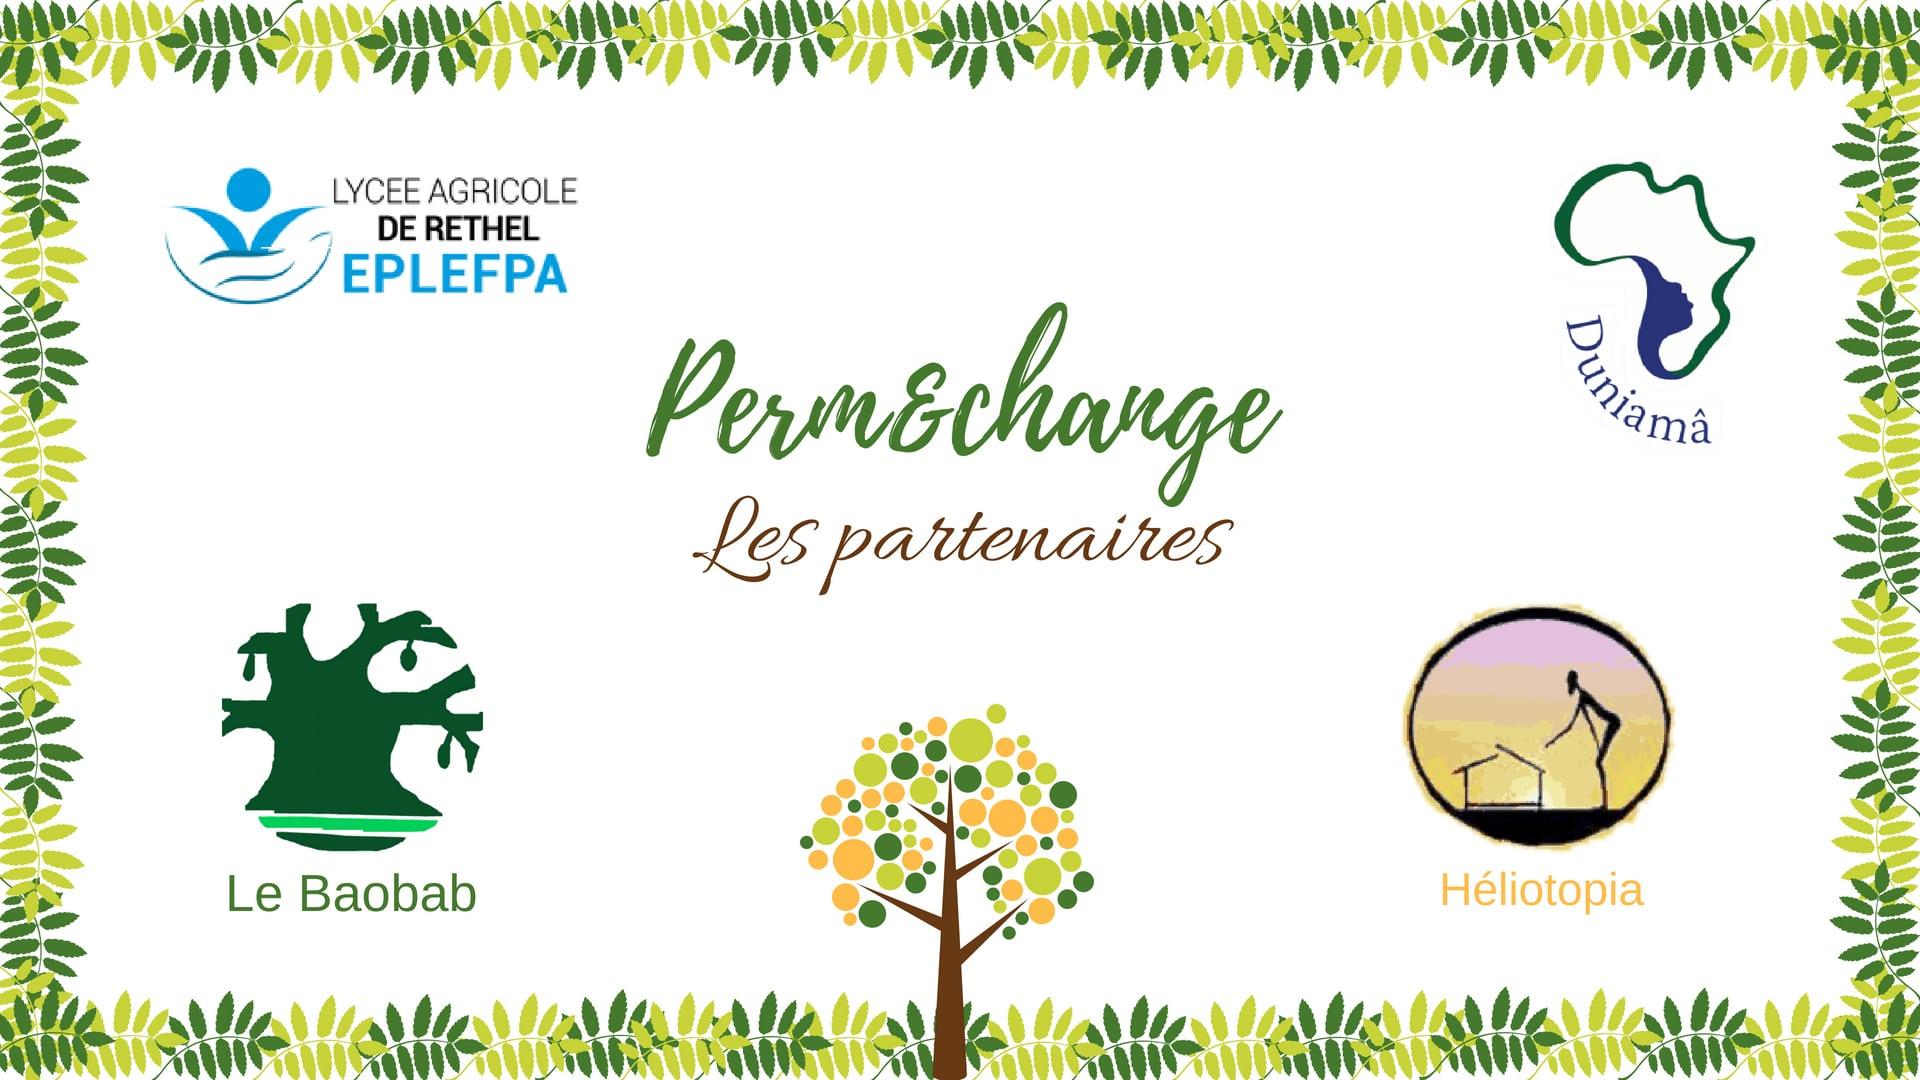 Les partenaires du projet Perm&change: Heliotopia, lycee agricole de Rethel, Duniama, Le Baobab